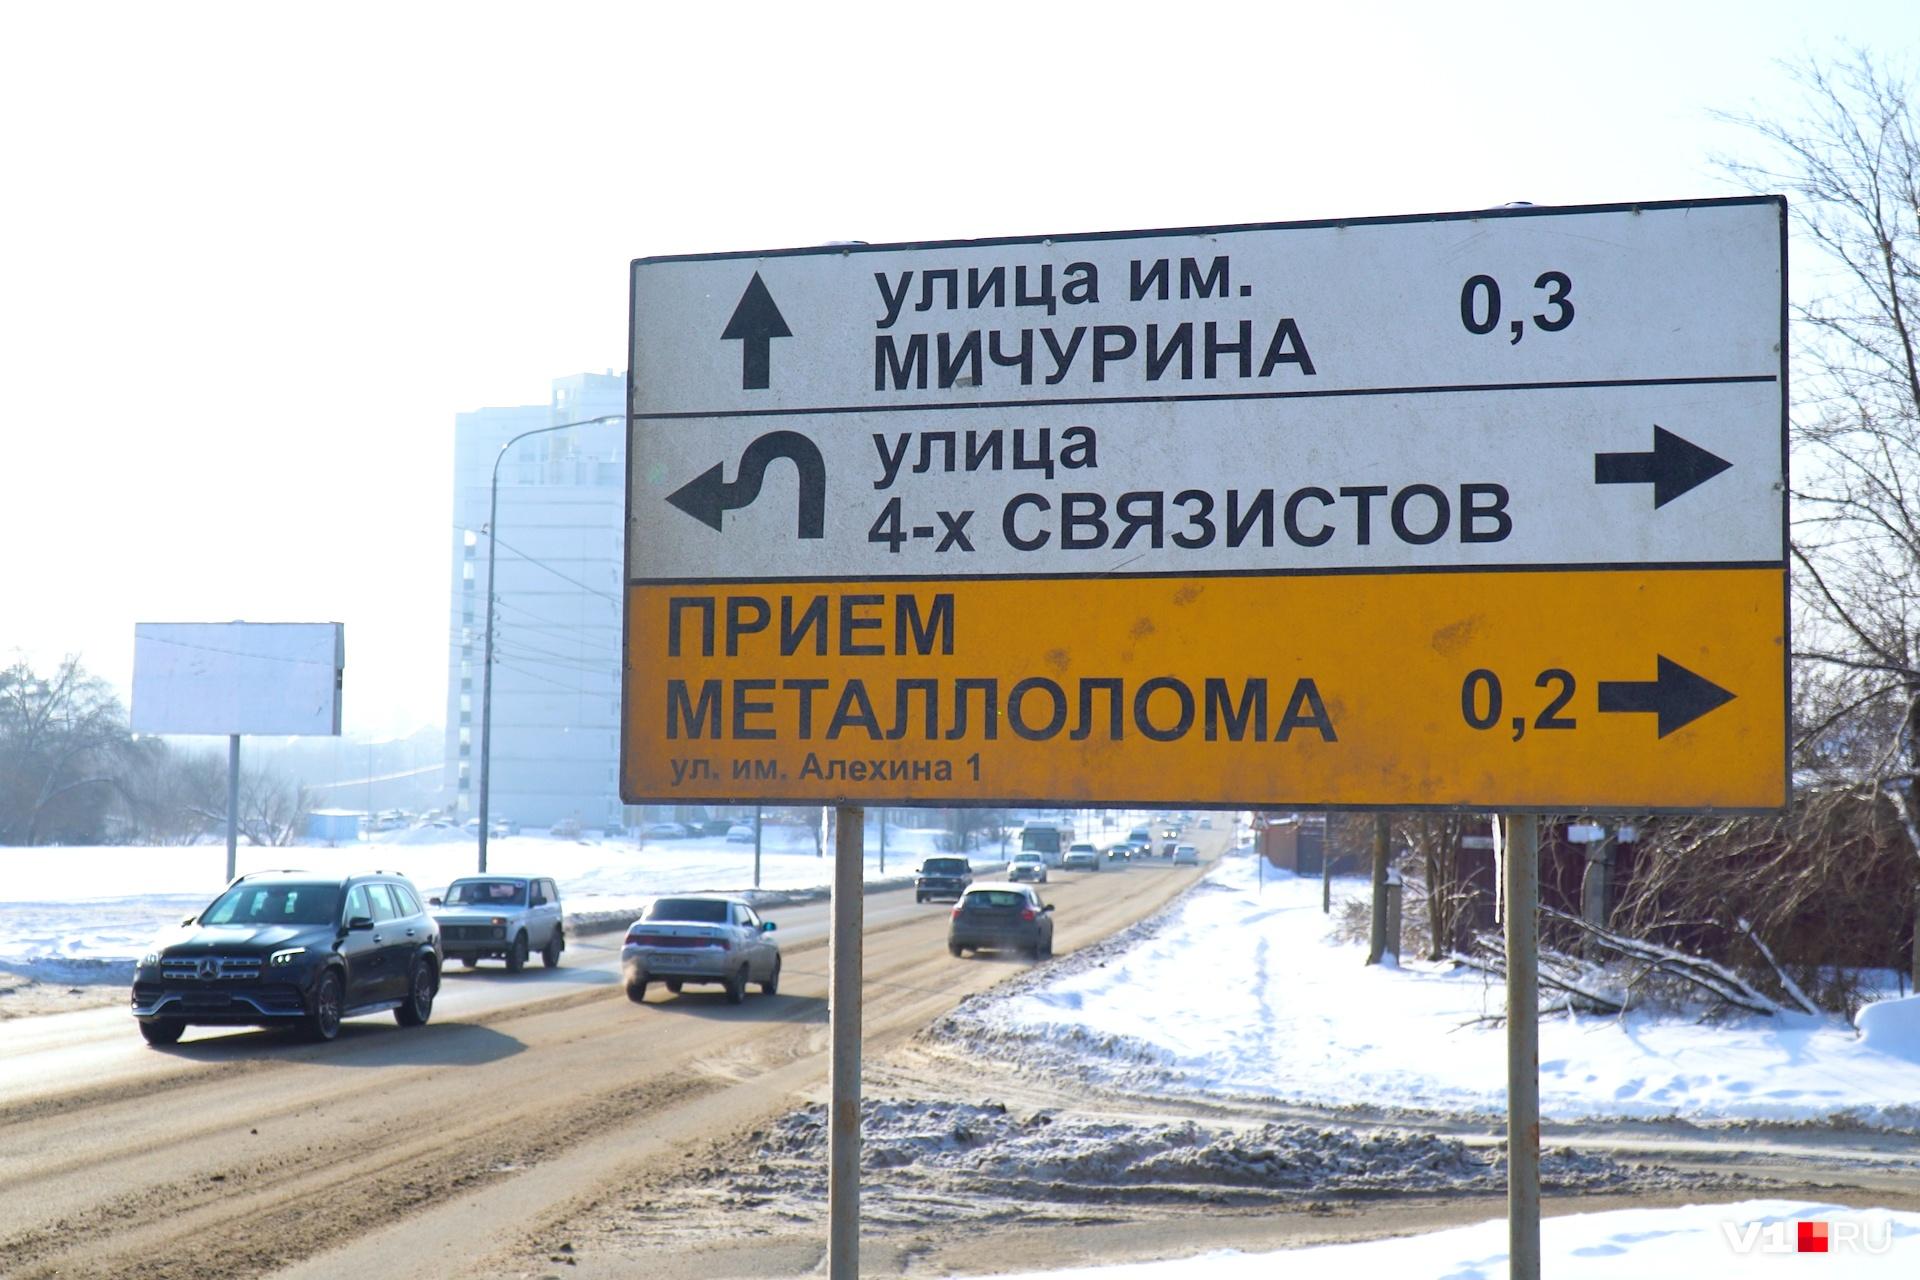 Из всех знаков перед перекрестком — только название улиц и рекламный щит